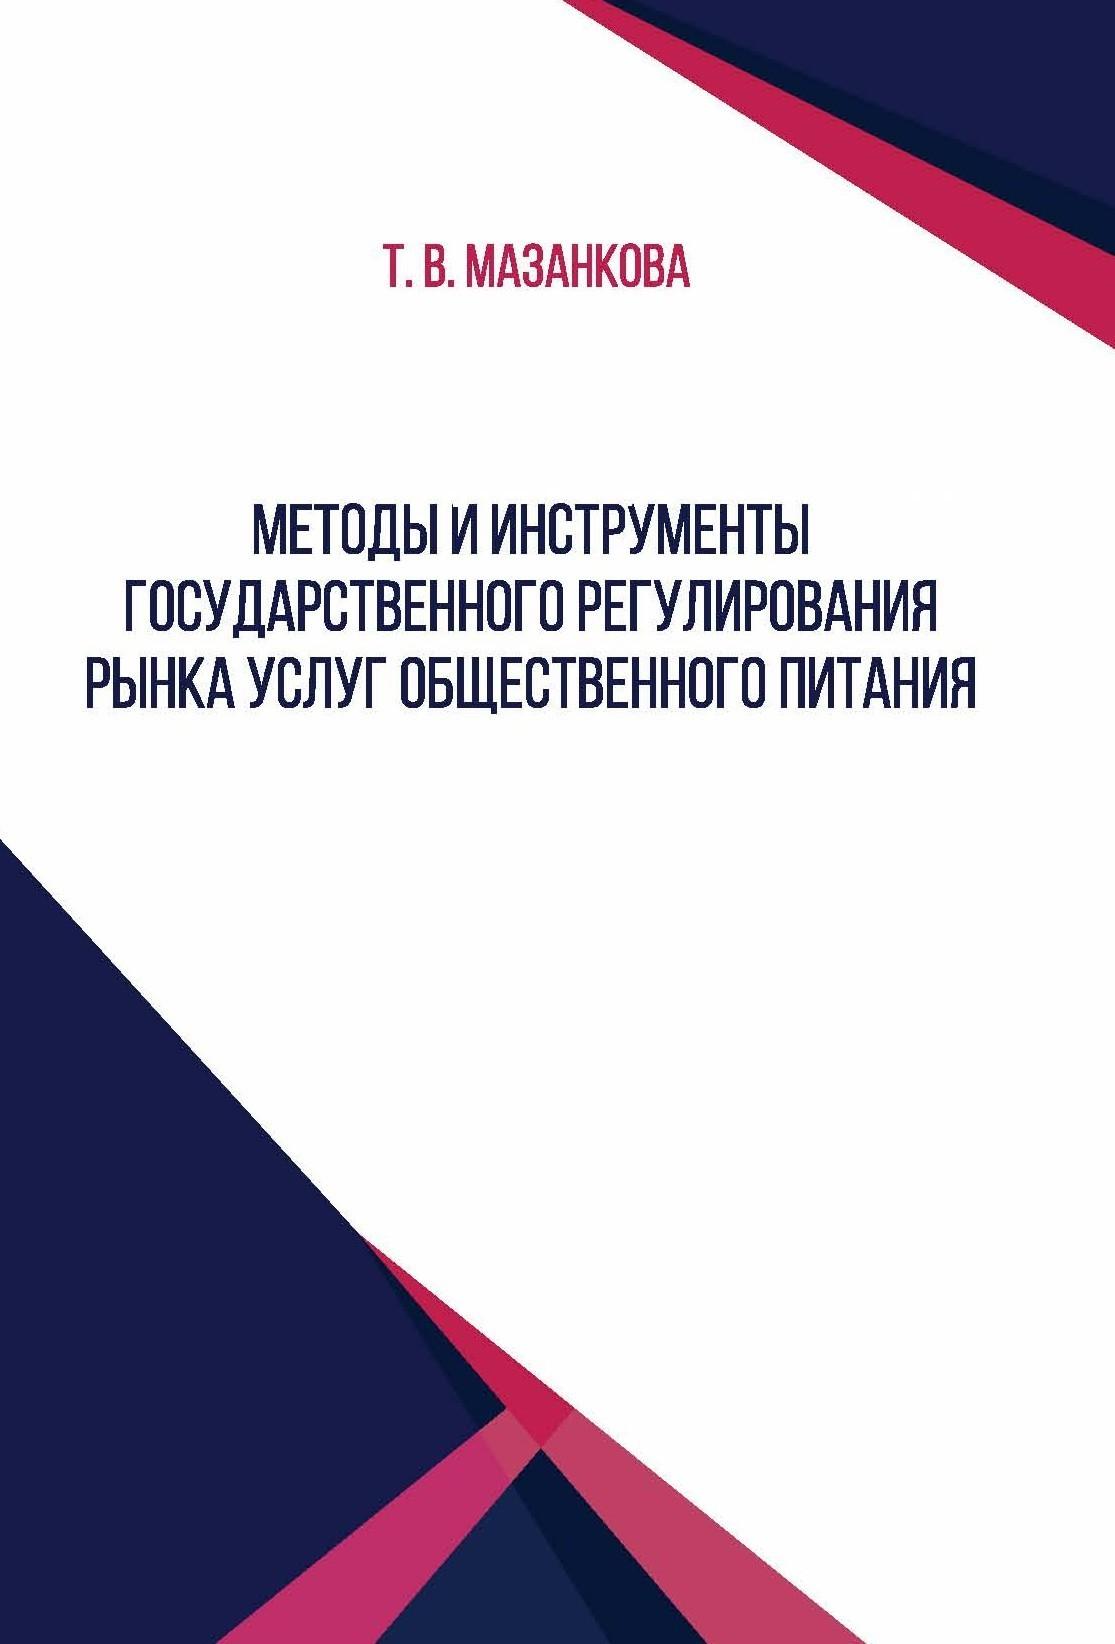 Обложка книги Методы и инструменты государственного регулирования рынка услуг общественного питания